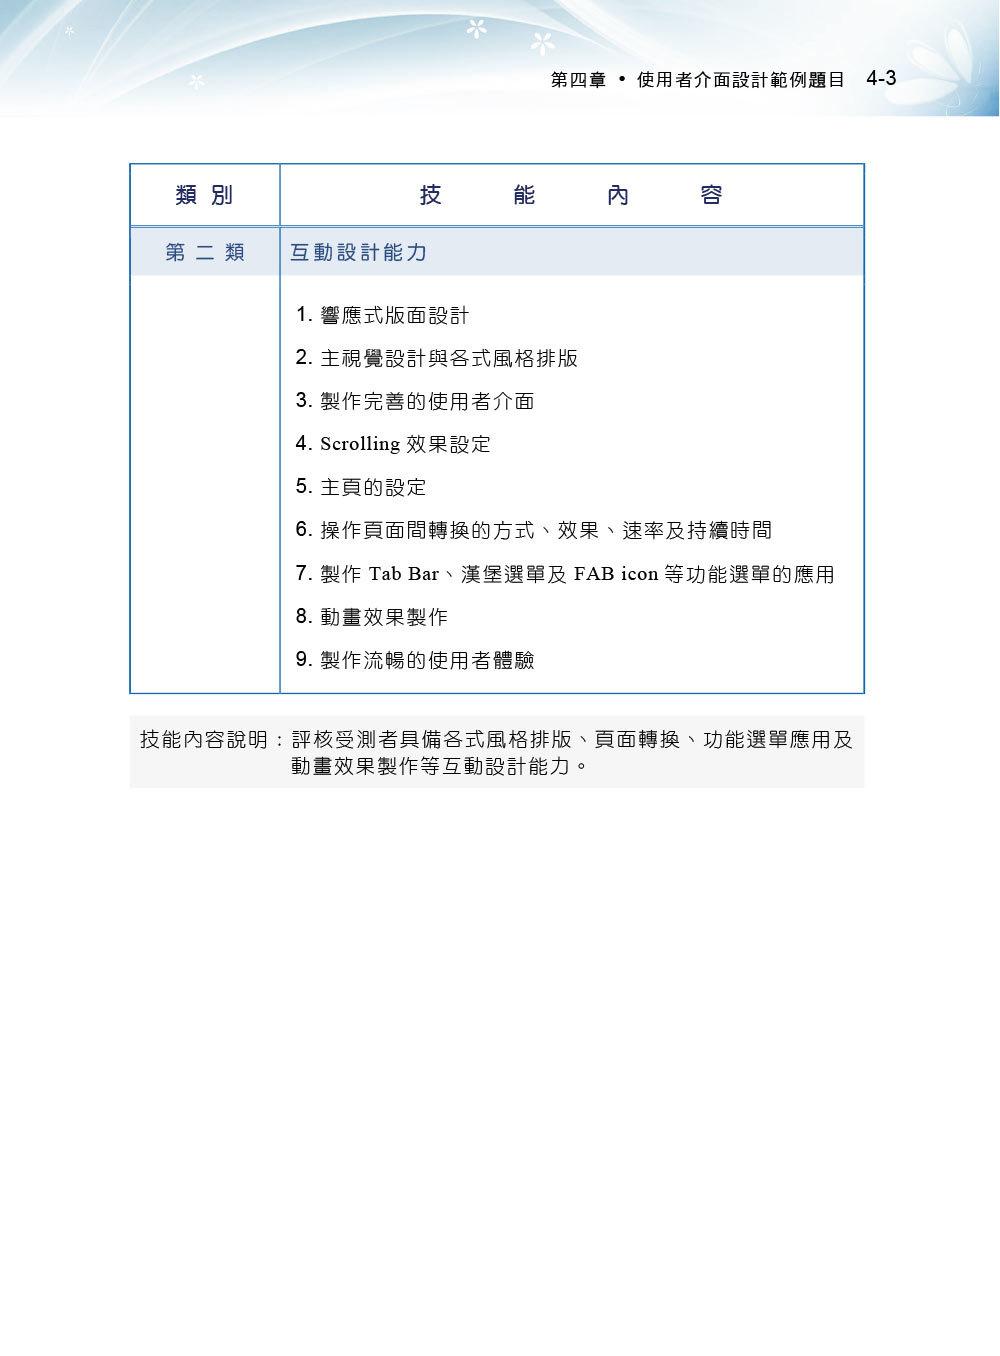 TQC+ 使用者介面設計認證指南 Adobe XD CC-preview-3